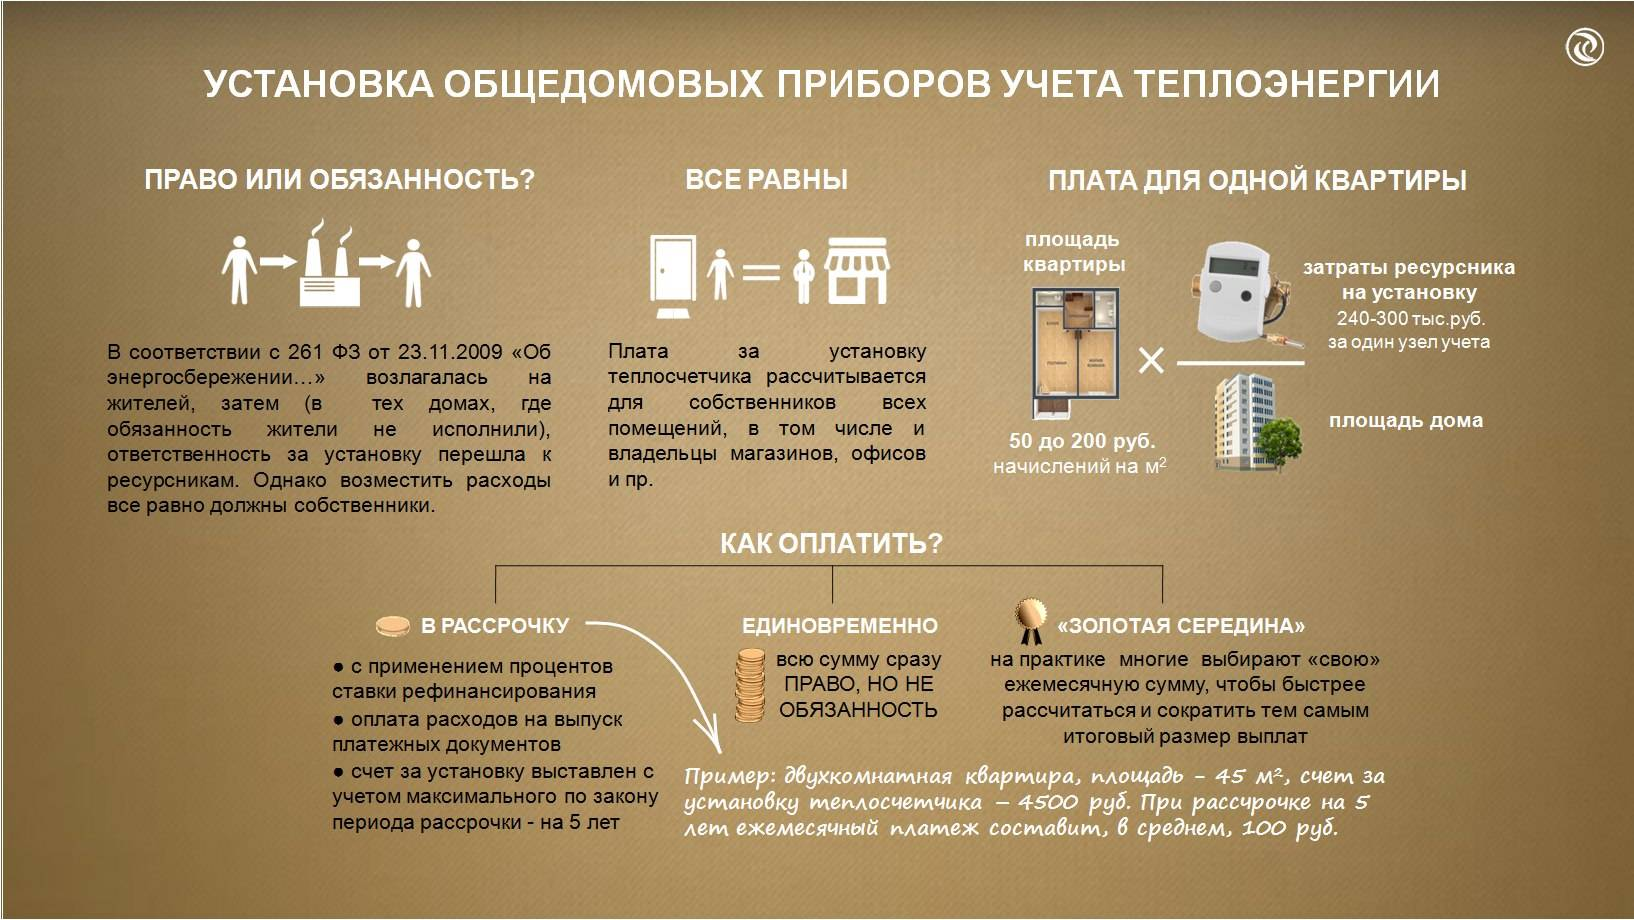 Установка общедомовых приборов учета в многоквартирных домах